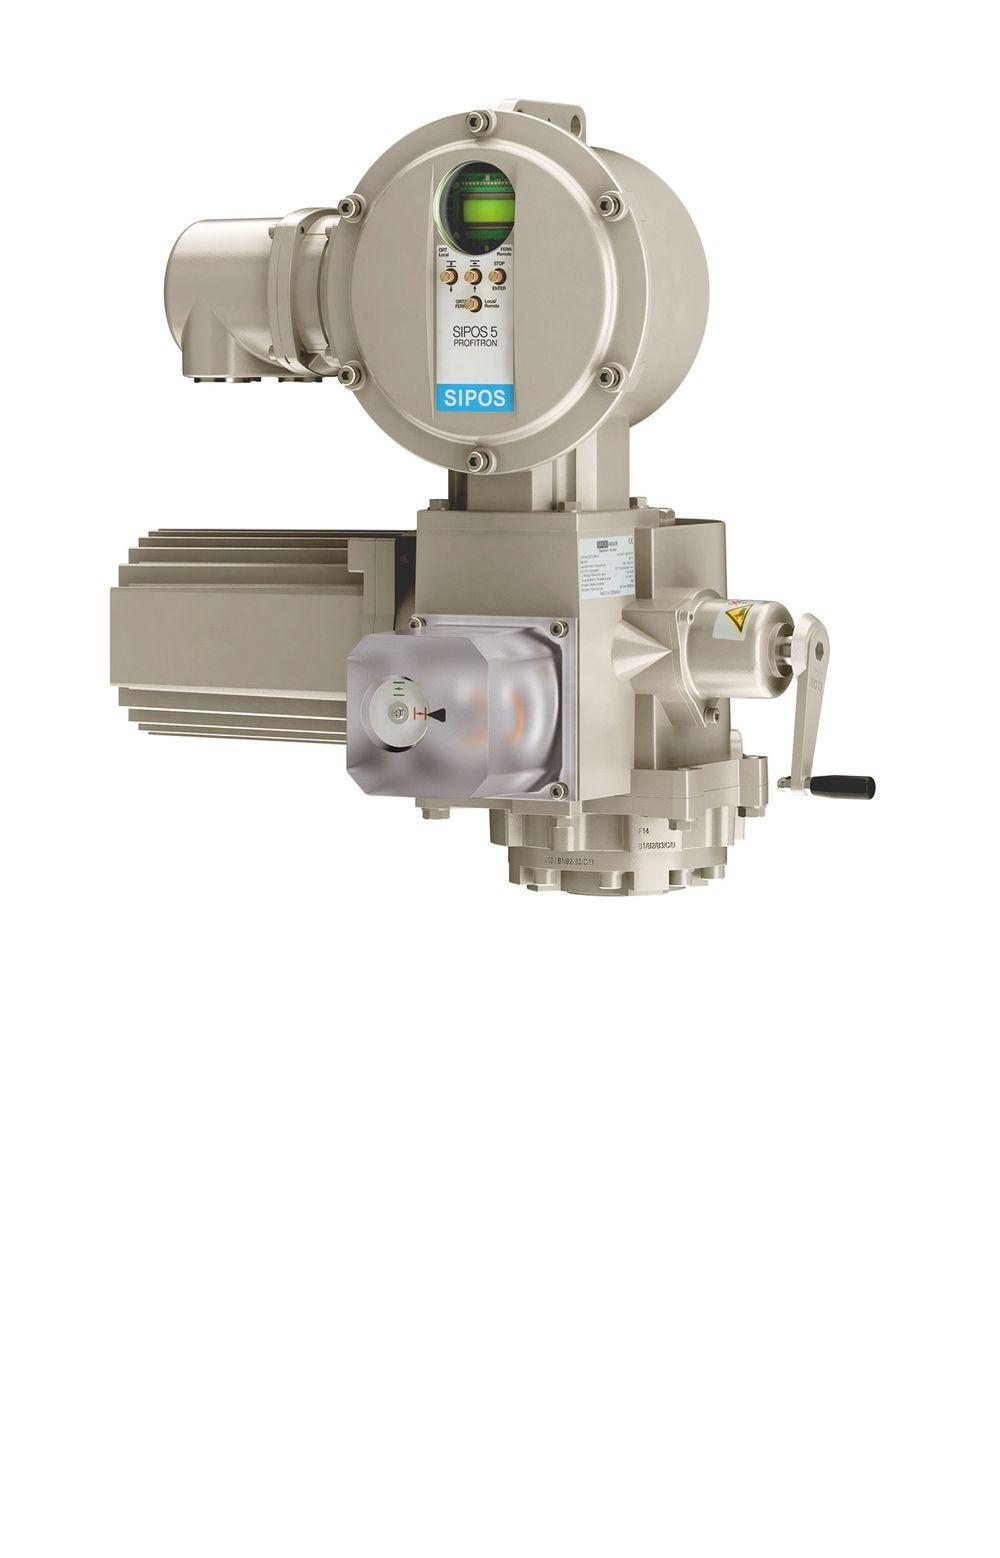 Aktuator som ved hjelp av integrert frekvensomformer og smarte funksjoner som kan håndtere det meste av ventilapplikasjoner.